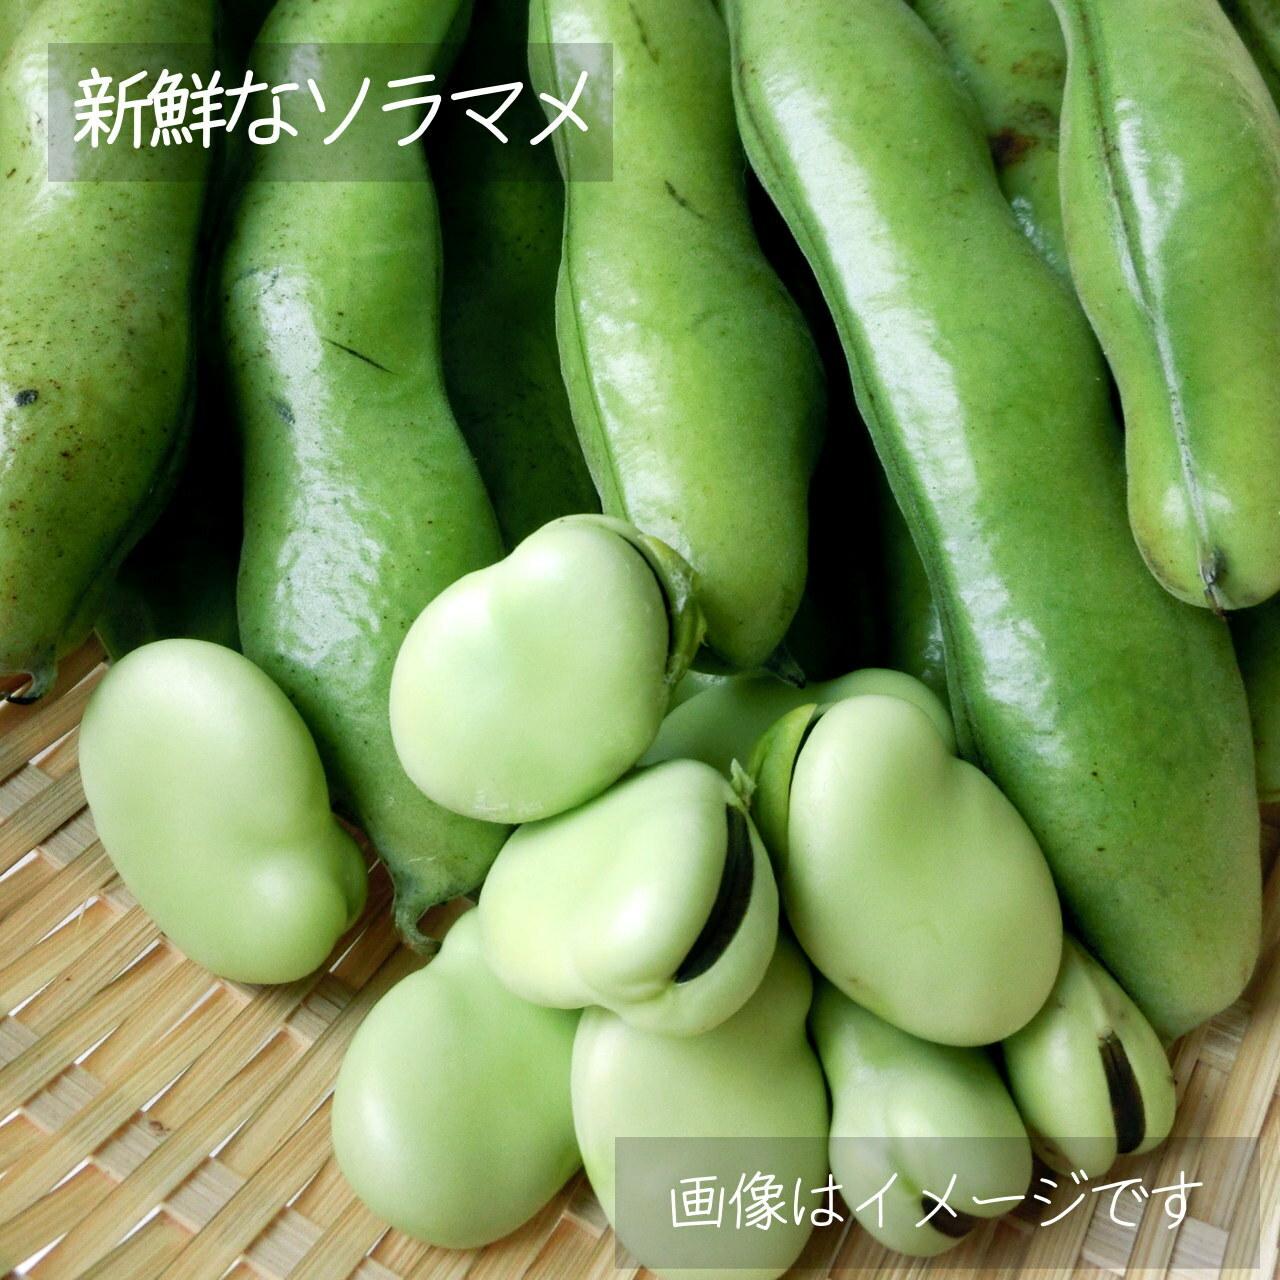 そらまめ 約400g : 6月の朝採り直売野菜 春の新鮮野菜 6月13日発送予定